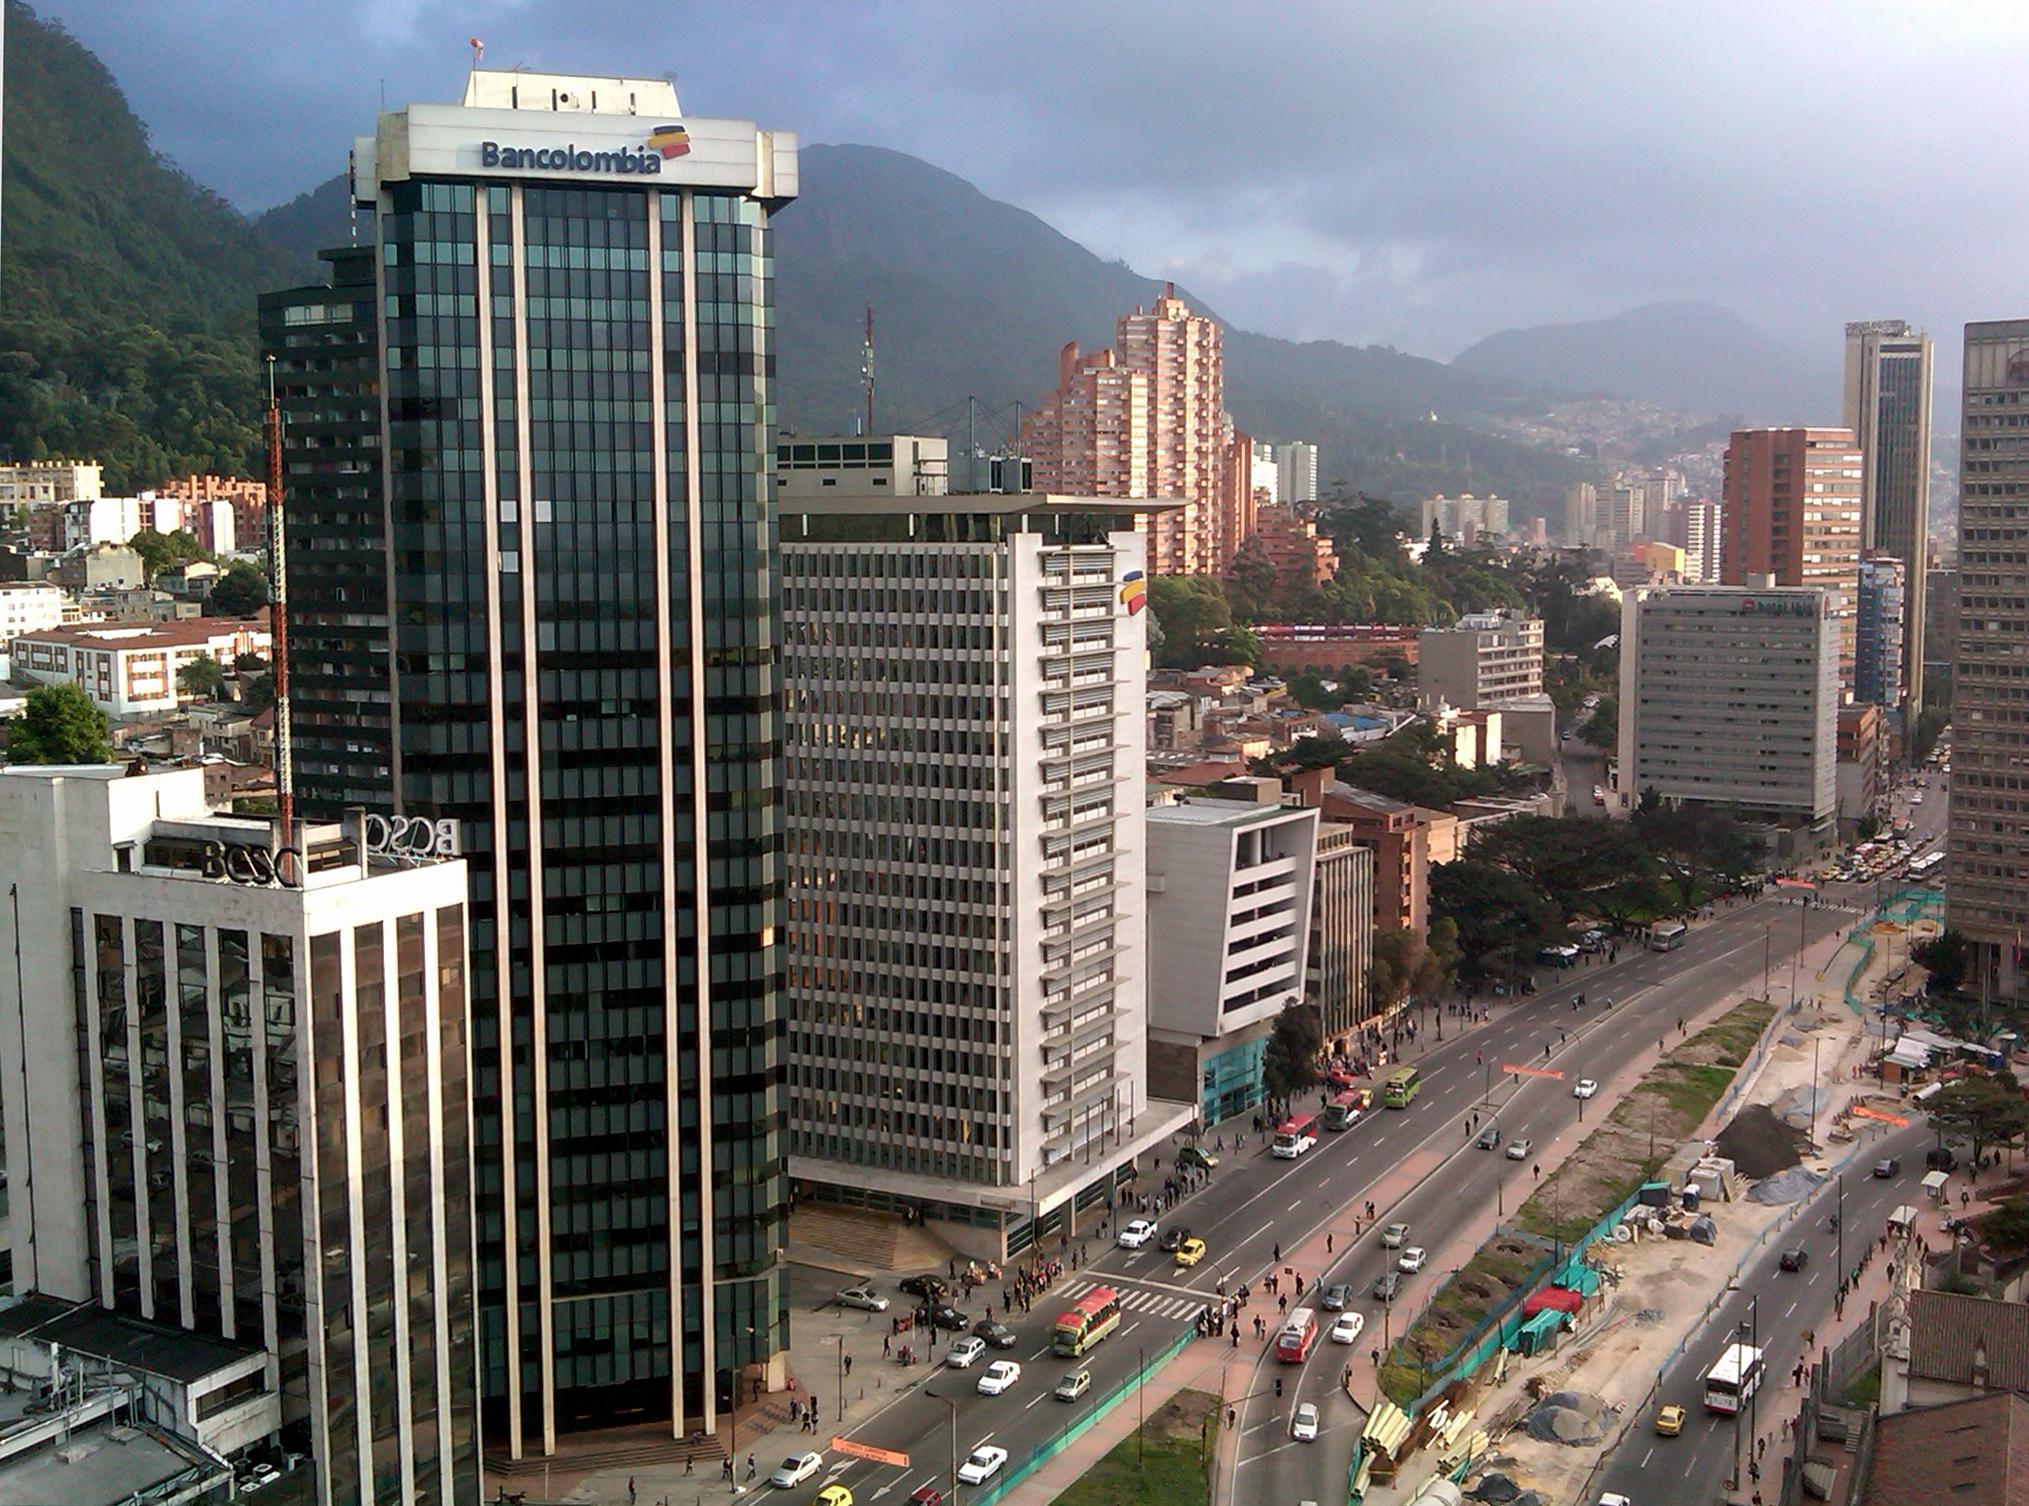 Archivo centro internacional wikipedia for Oficinas bancolombia cali